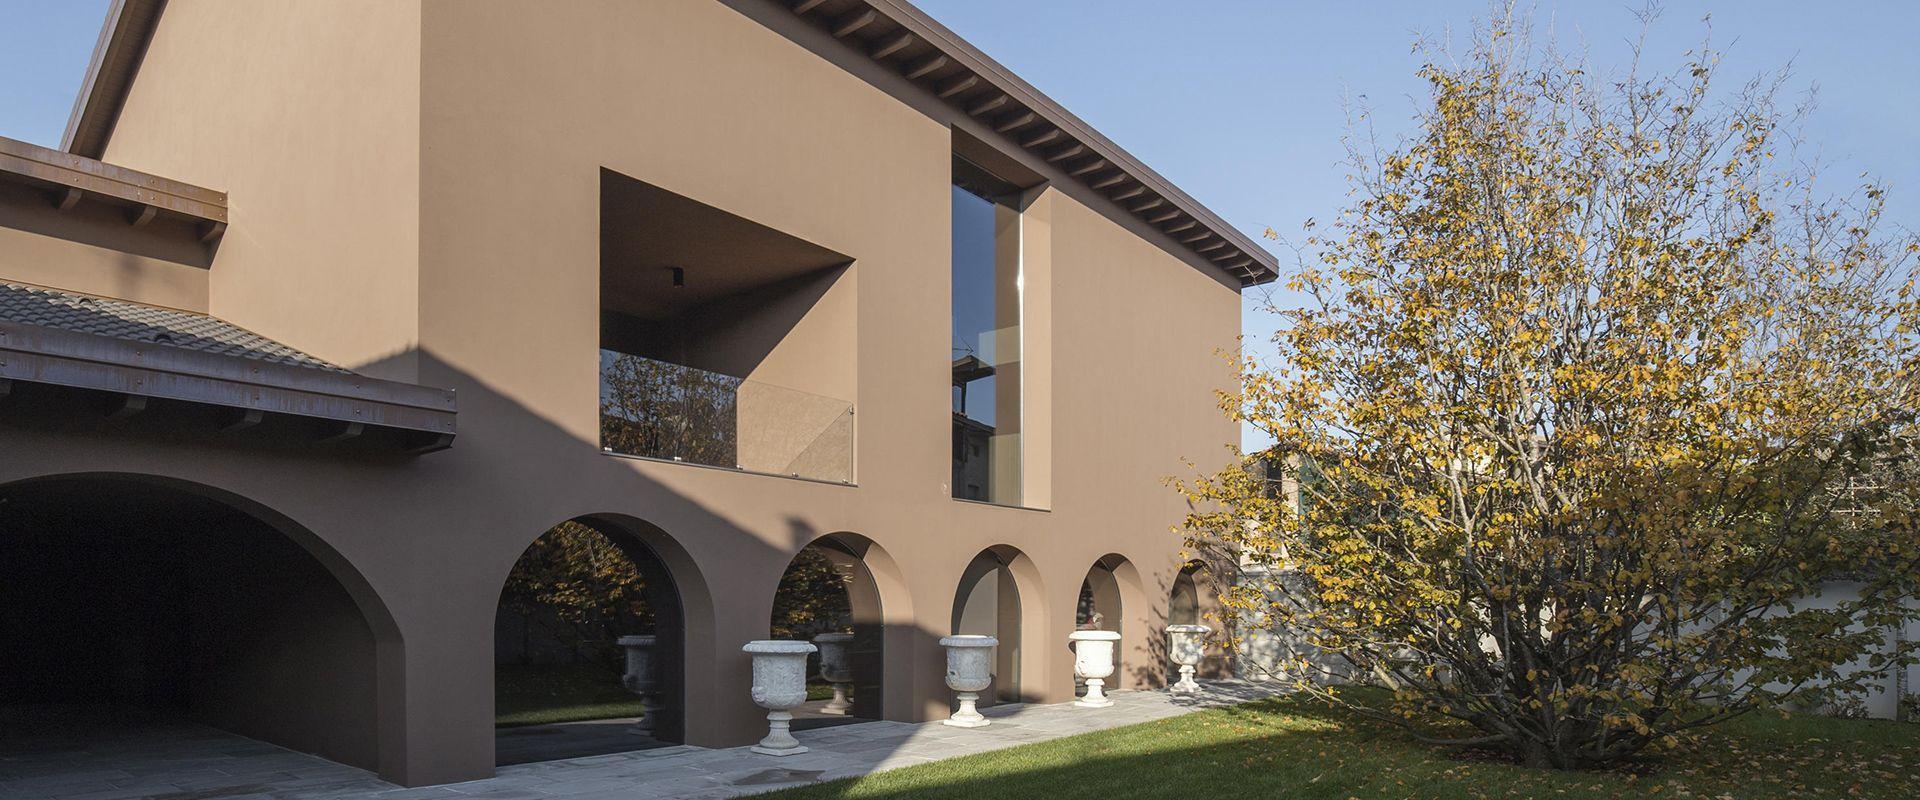 Un'abitazione privata sul sedime di un antico cascinale: Casa Donella